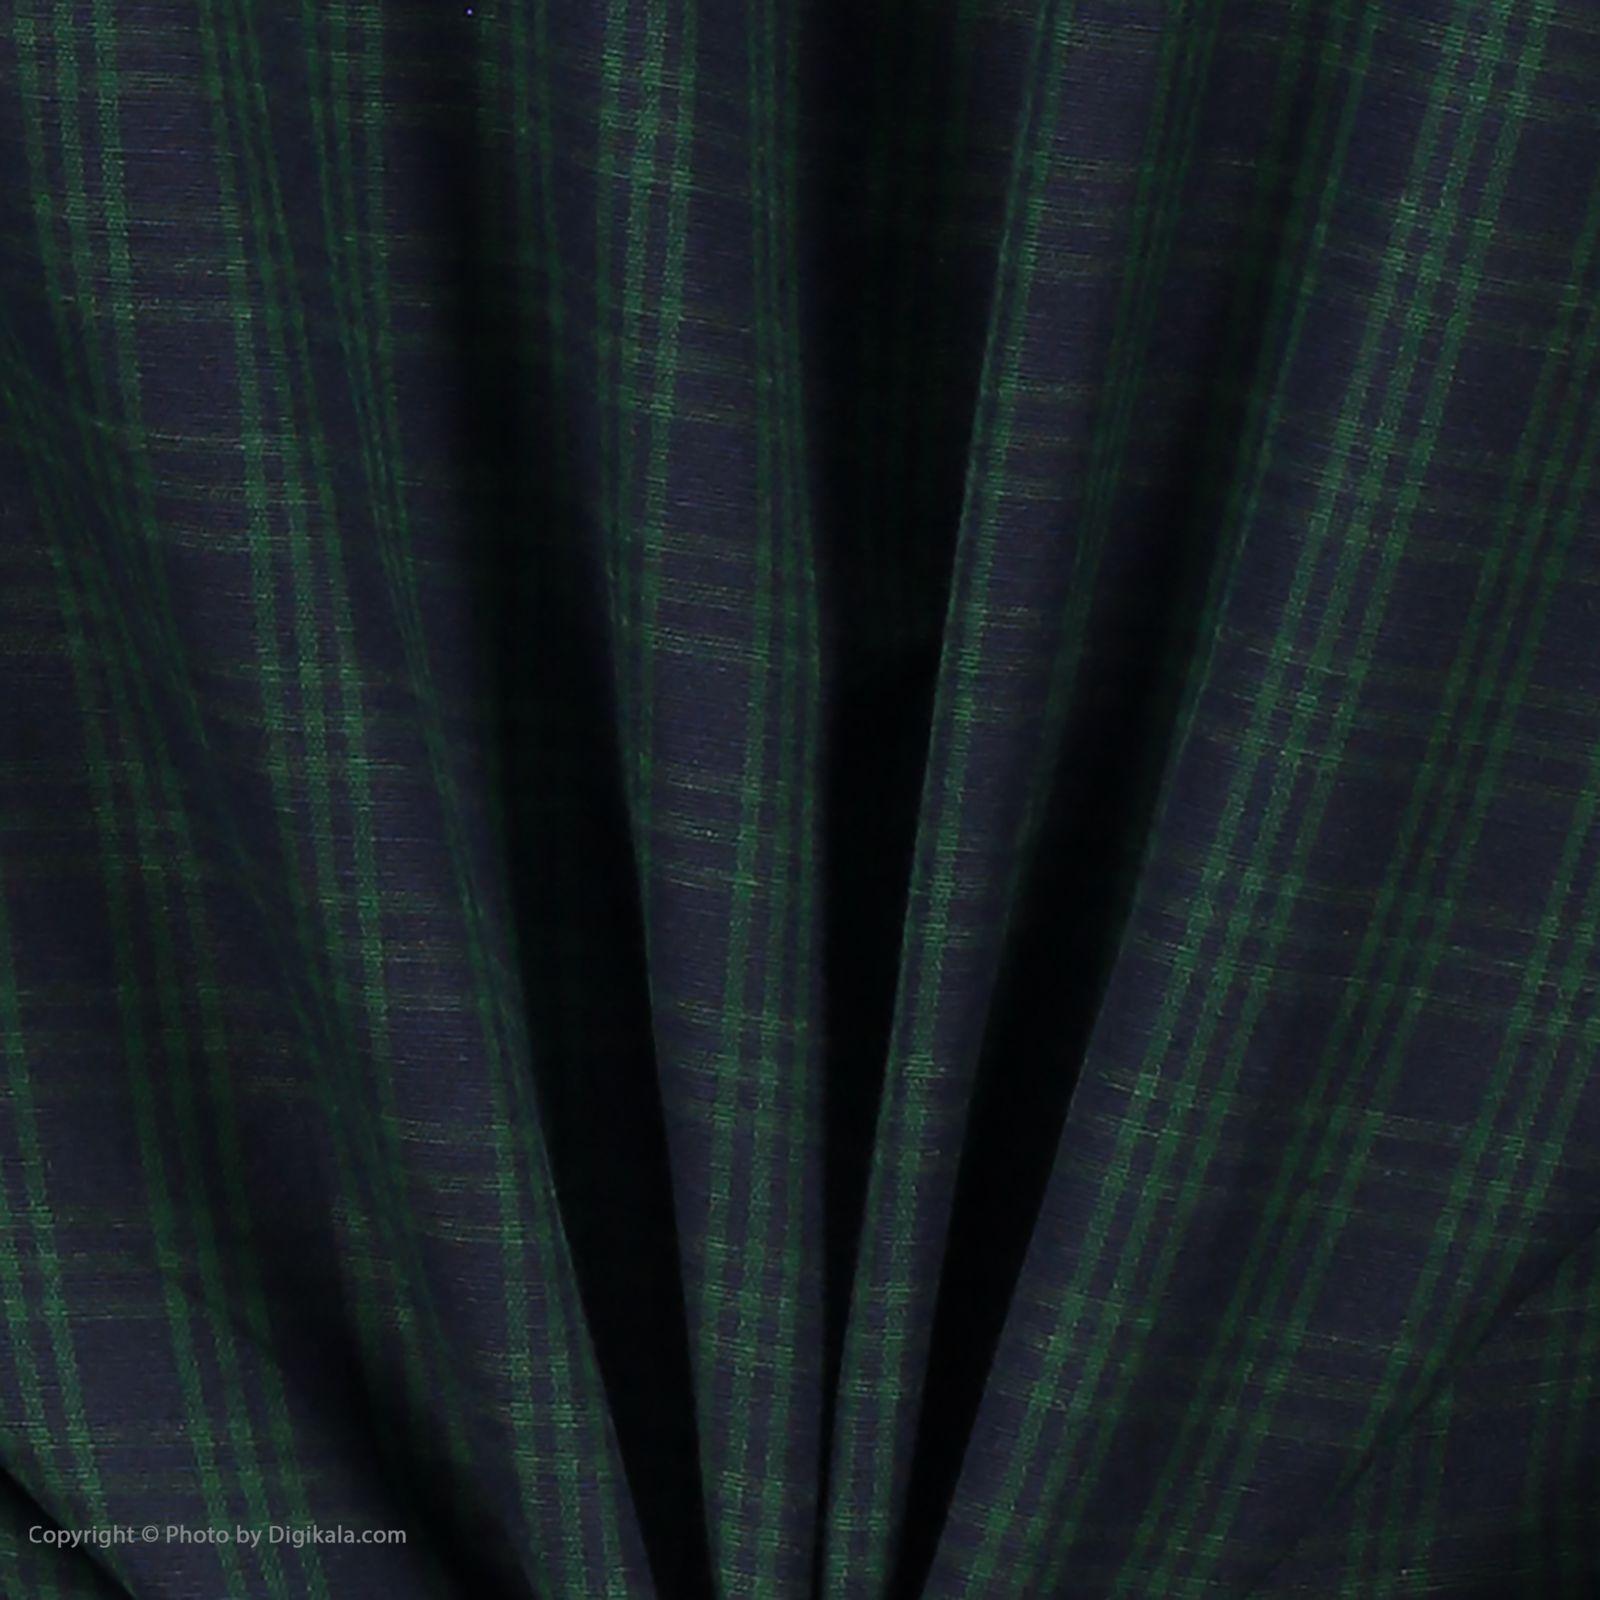 پیراهن مردانه زی مدل 15312304359 -  - 6